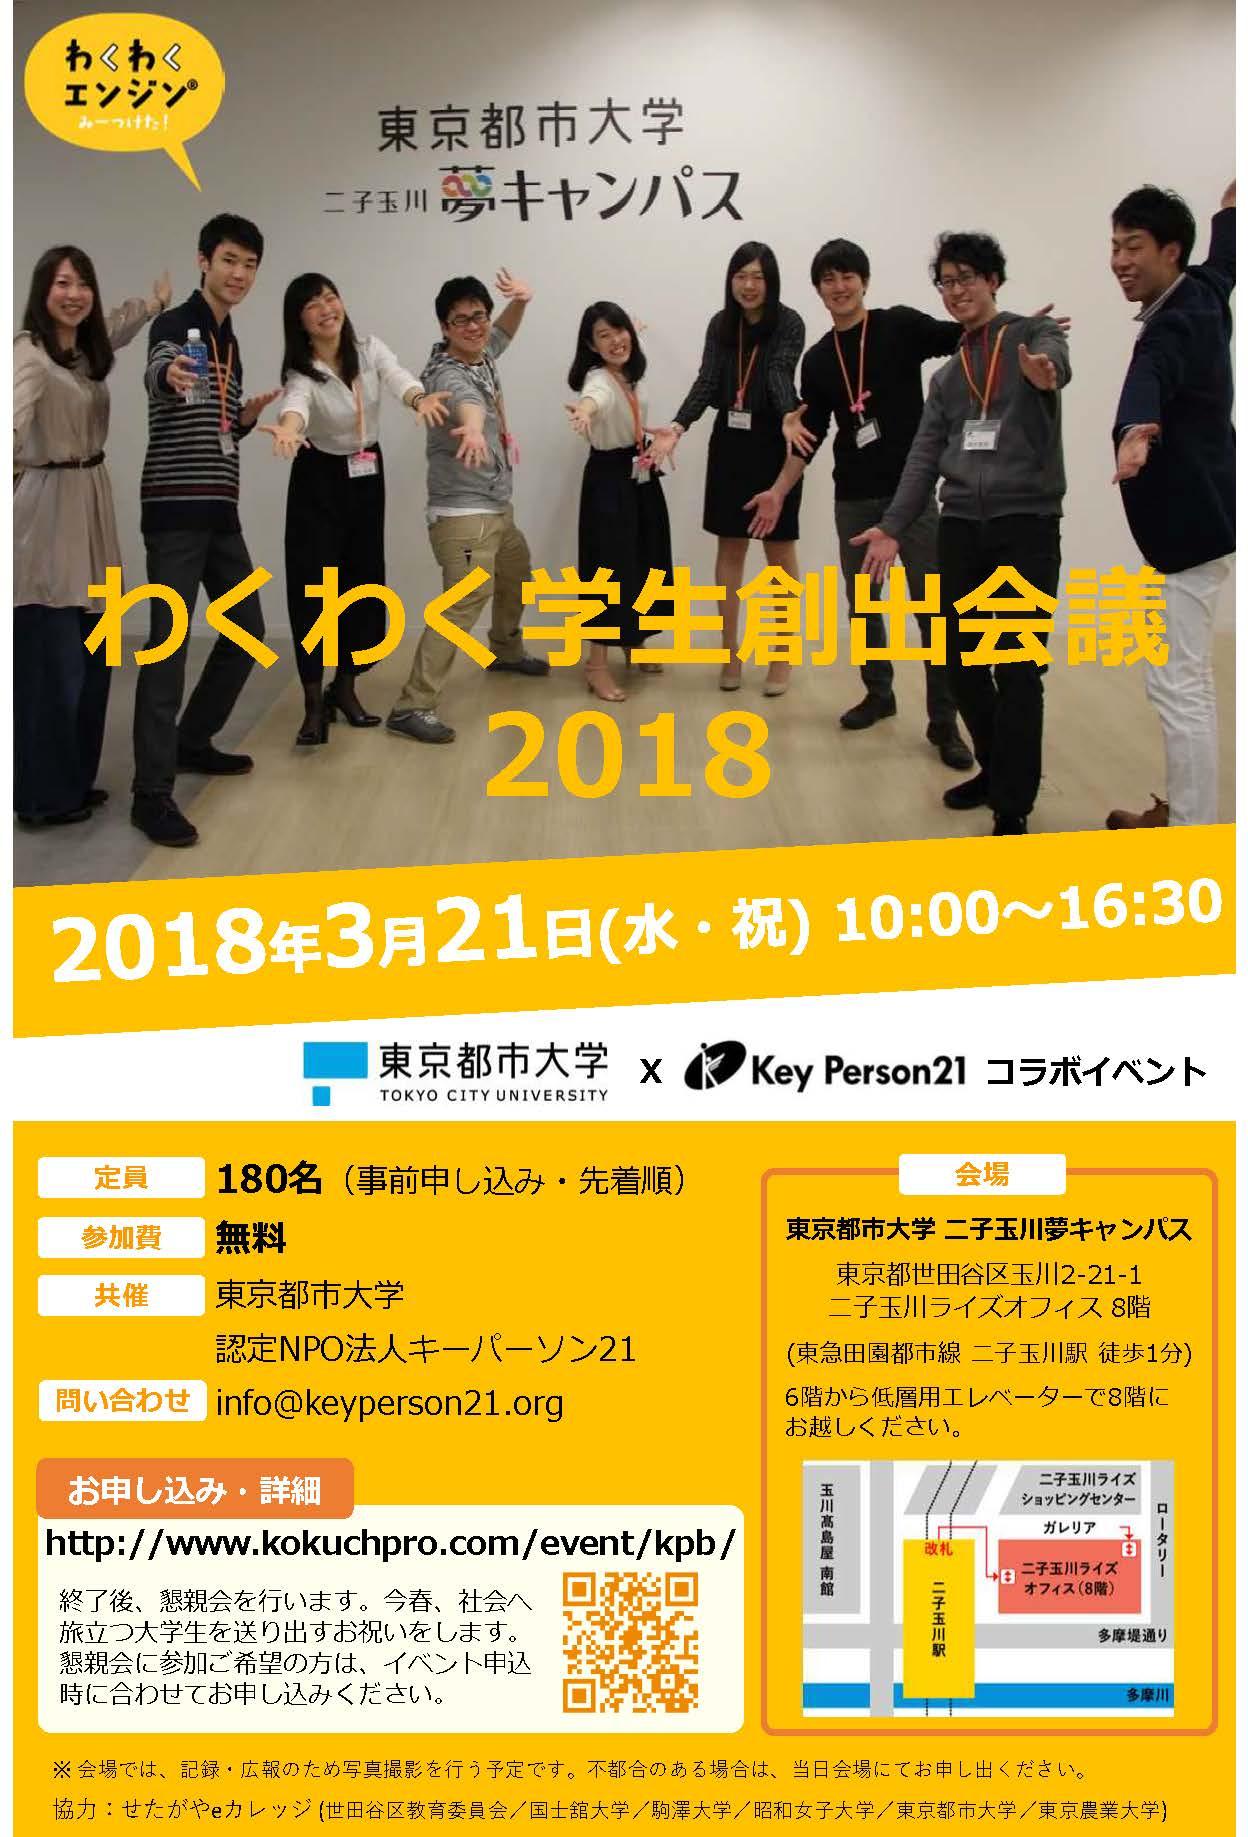 わくわく学生創出会議2018 東京都市大学×キーパーソン21